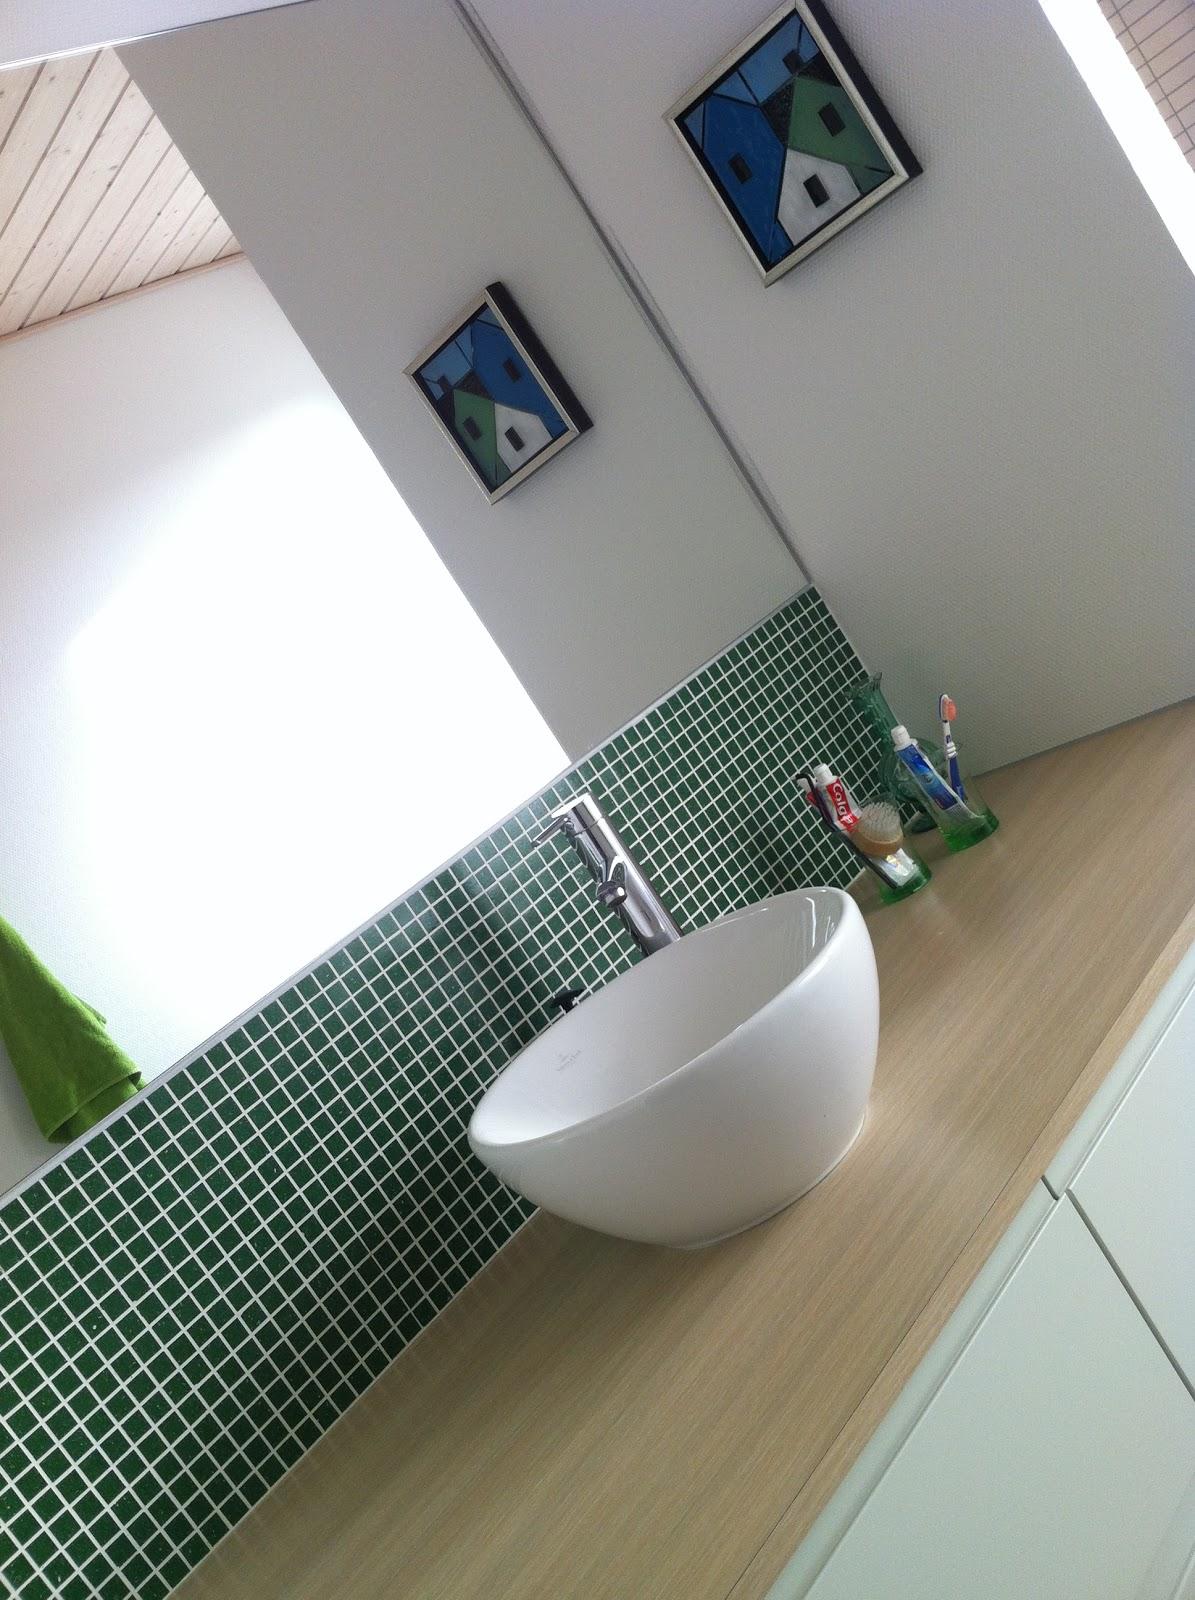 billige fliser badeværelse Hverdag på Æblelunden: